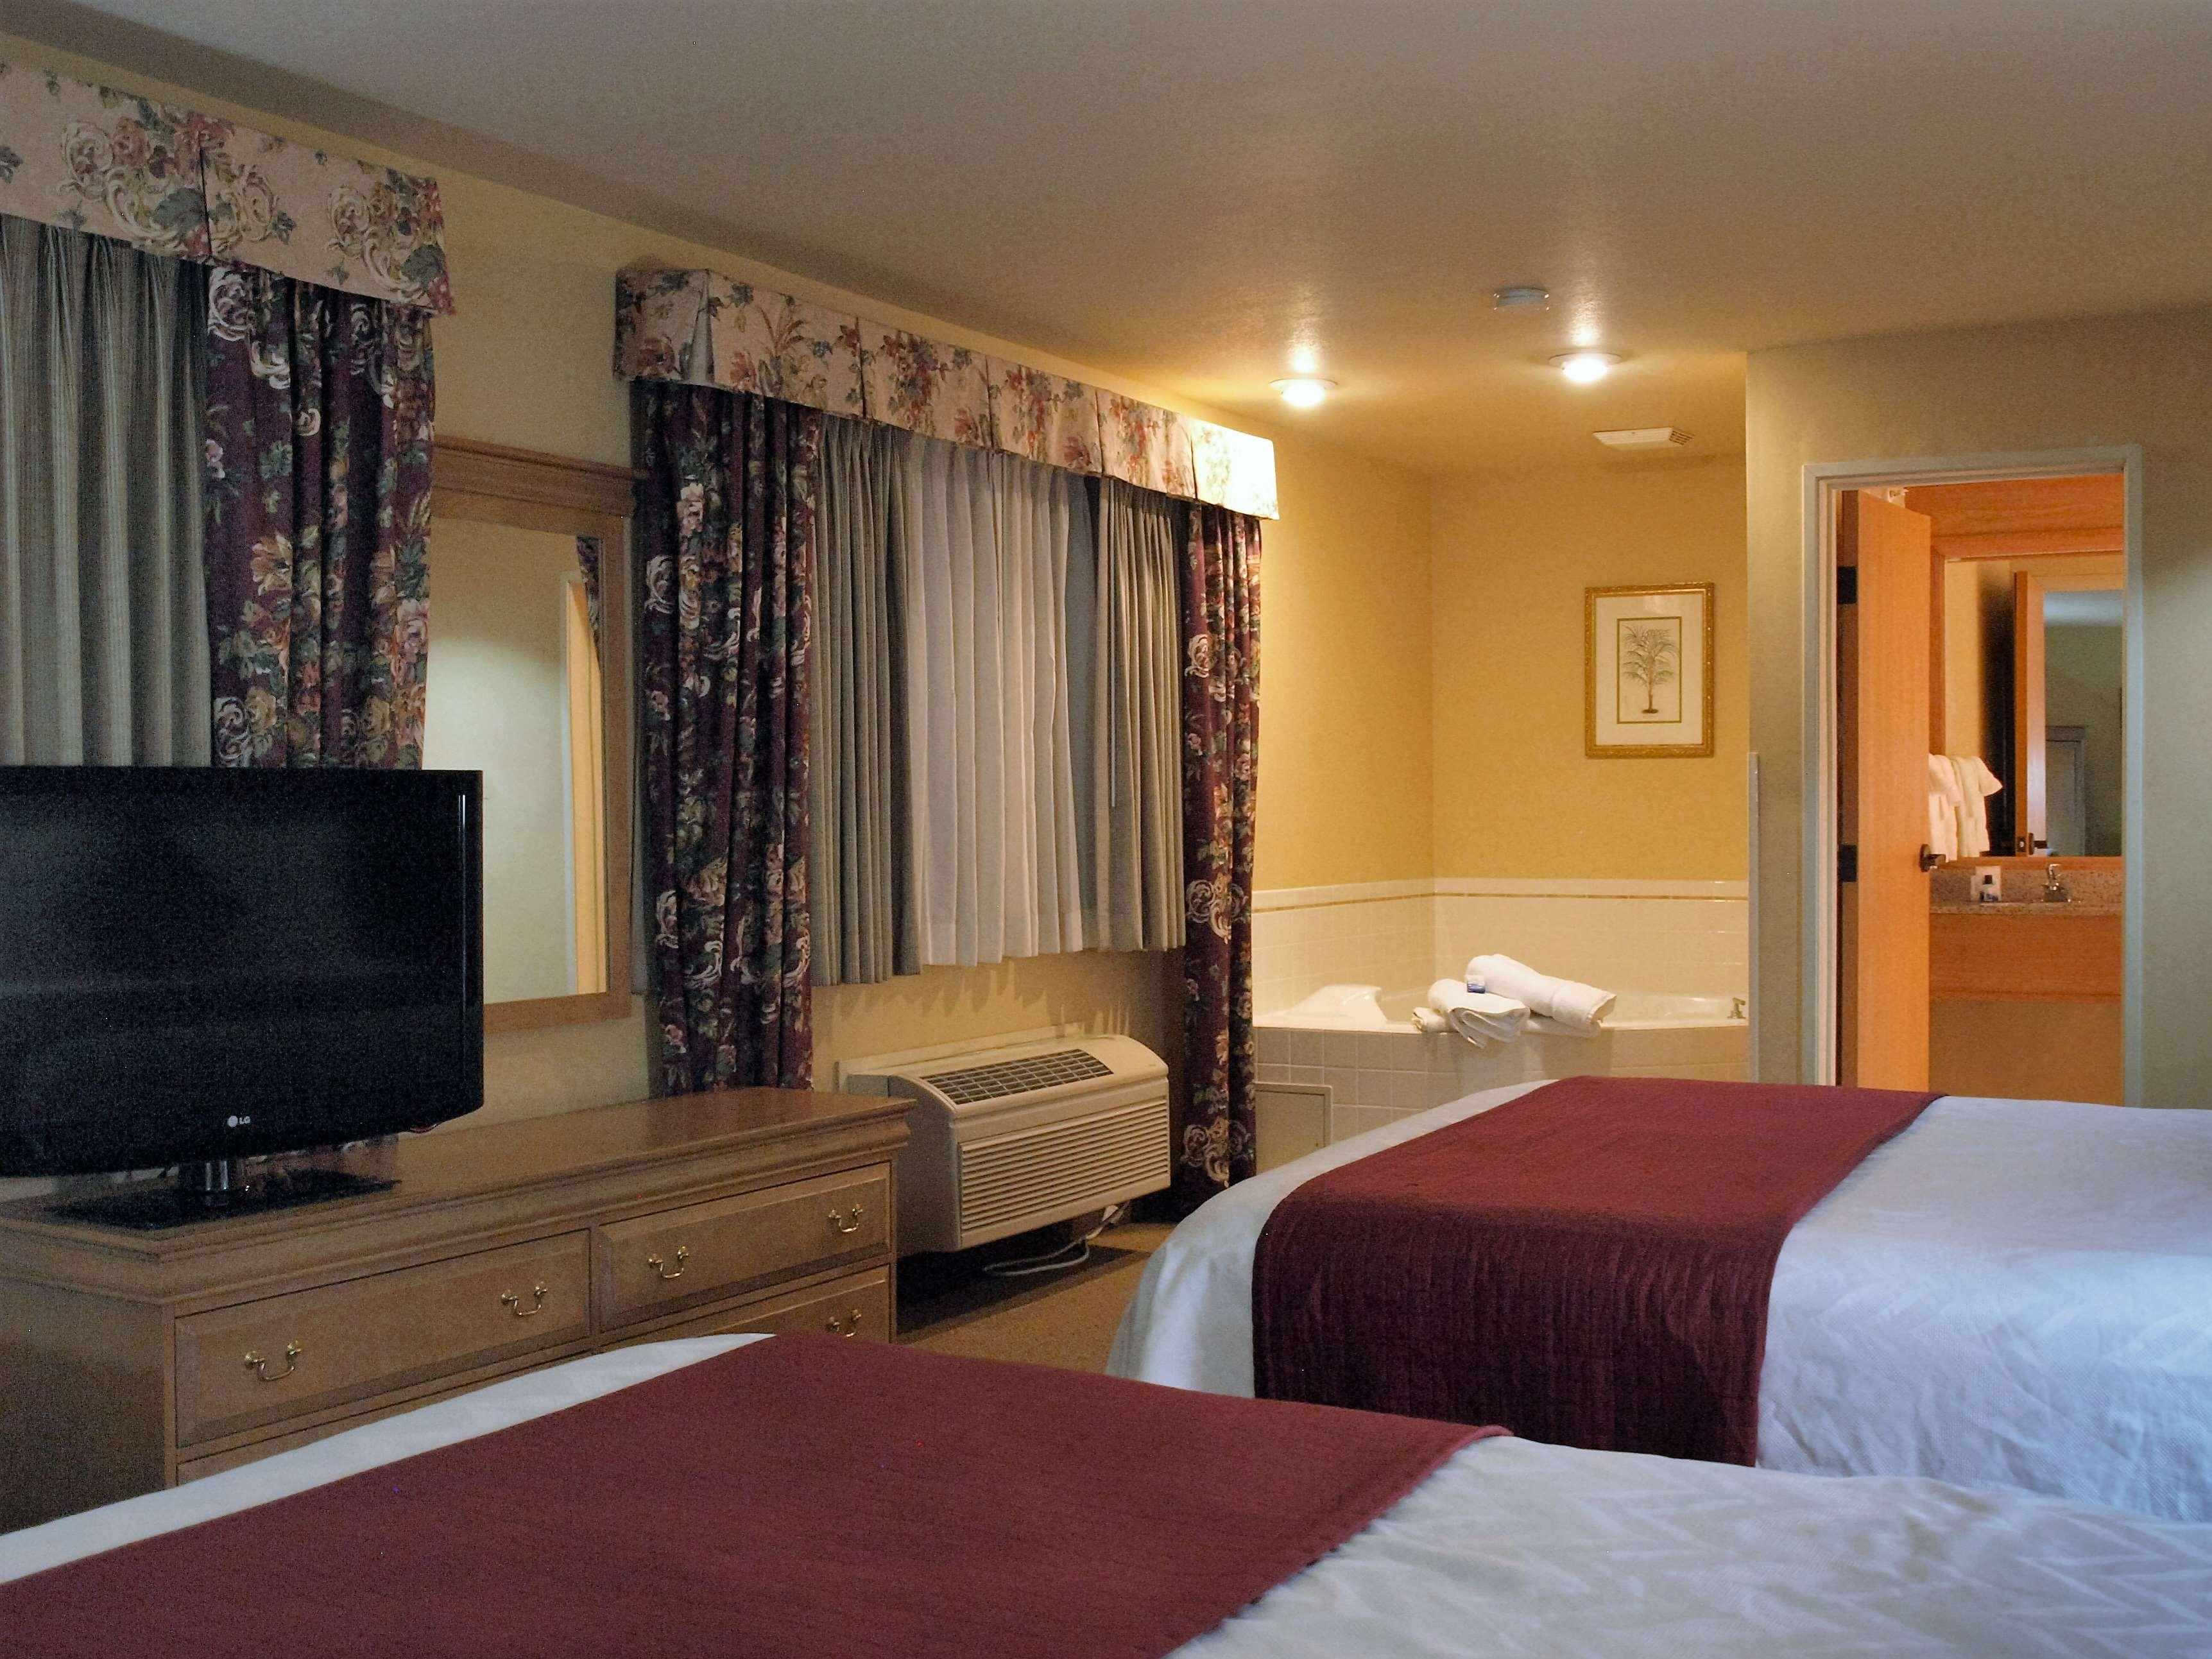 Best Western Plus Caldwell Inn & Suites image 43